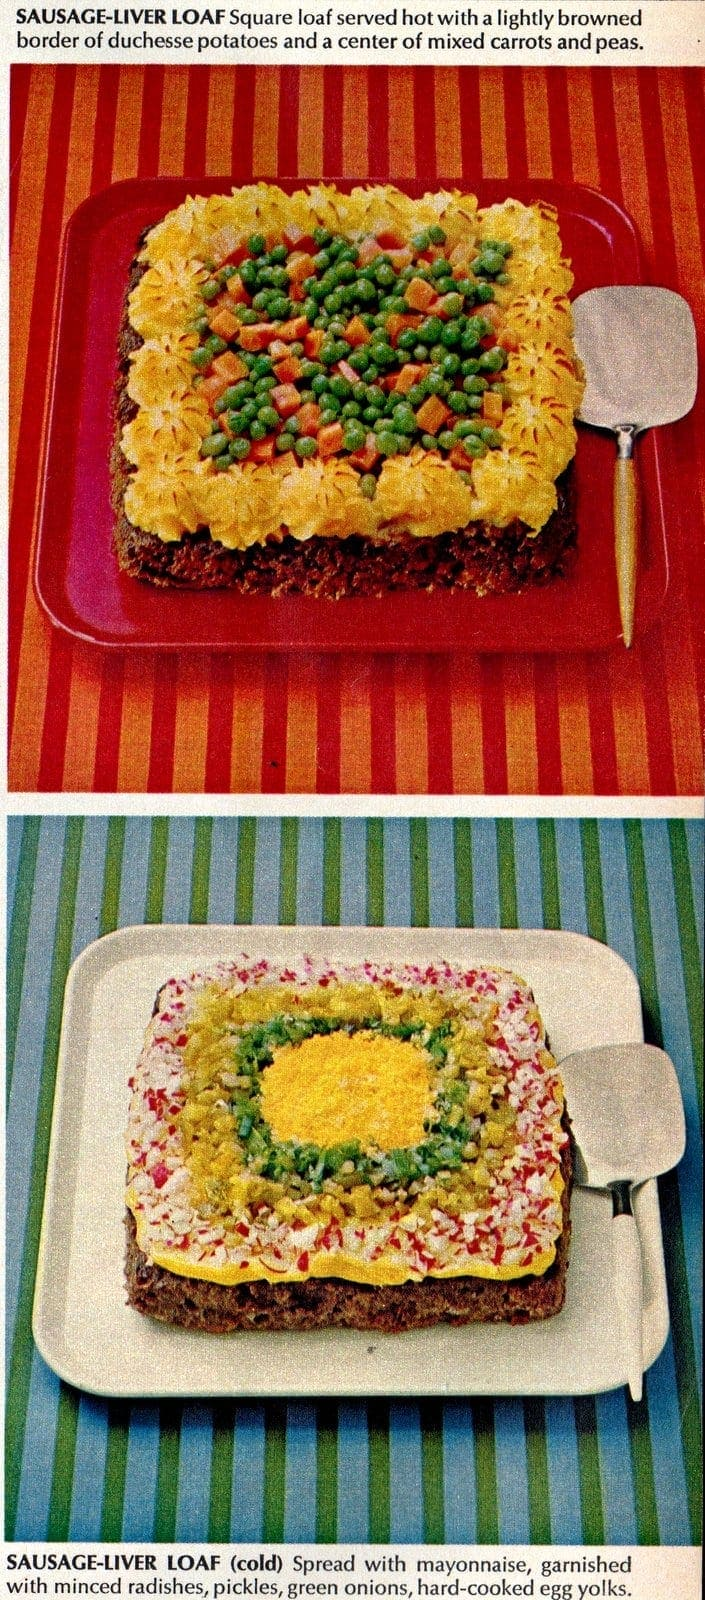 Vintage meatloaf recipe 1967 Sausage-Liver Loaves